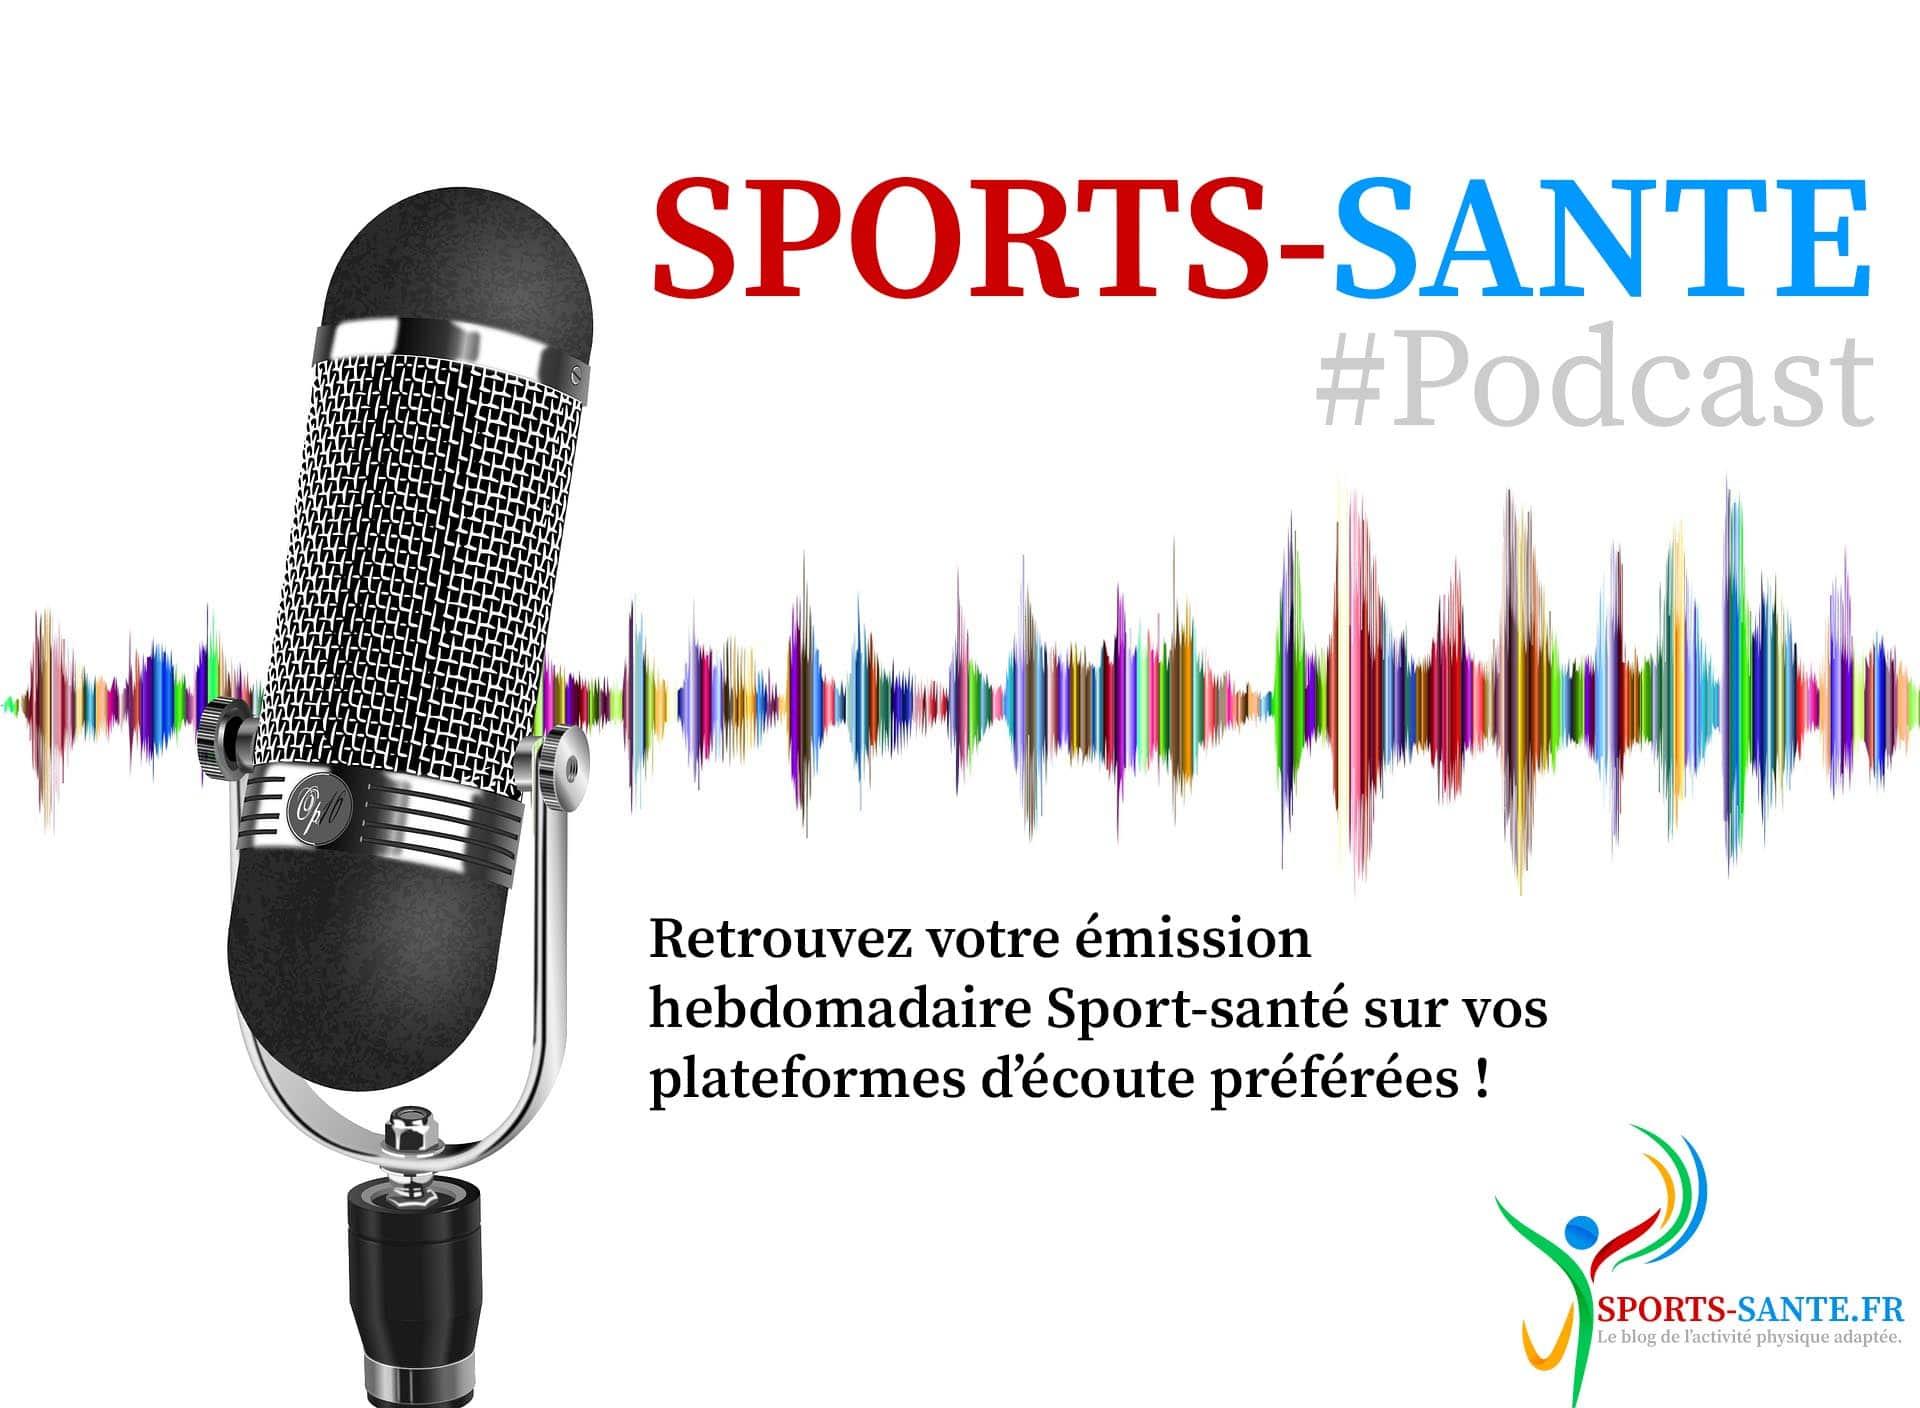 Sport-Santé le podcast